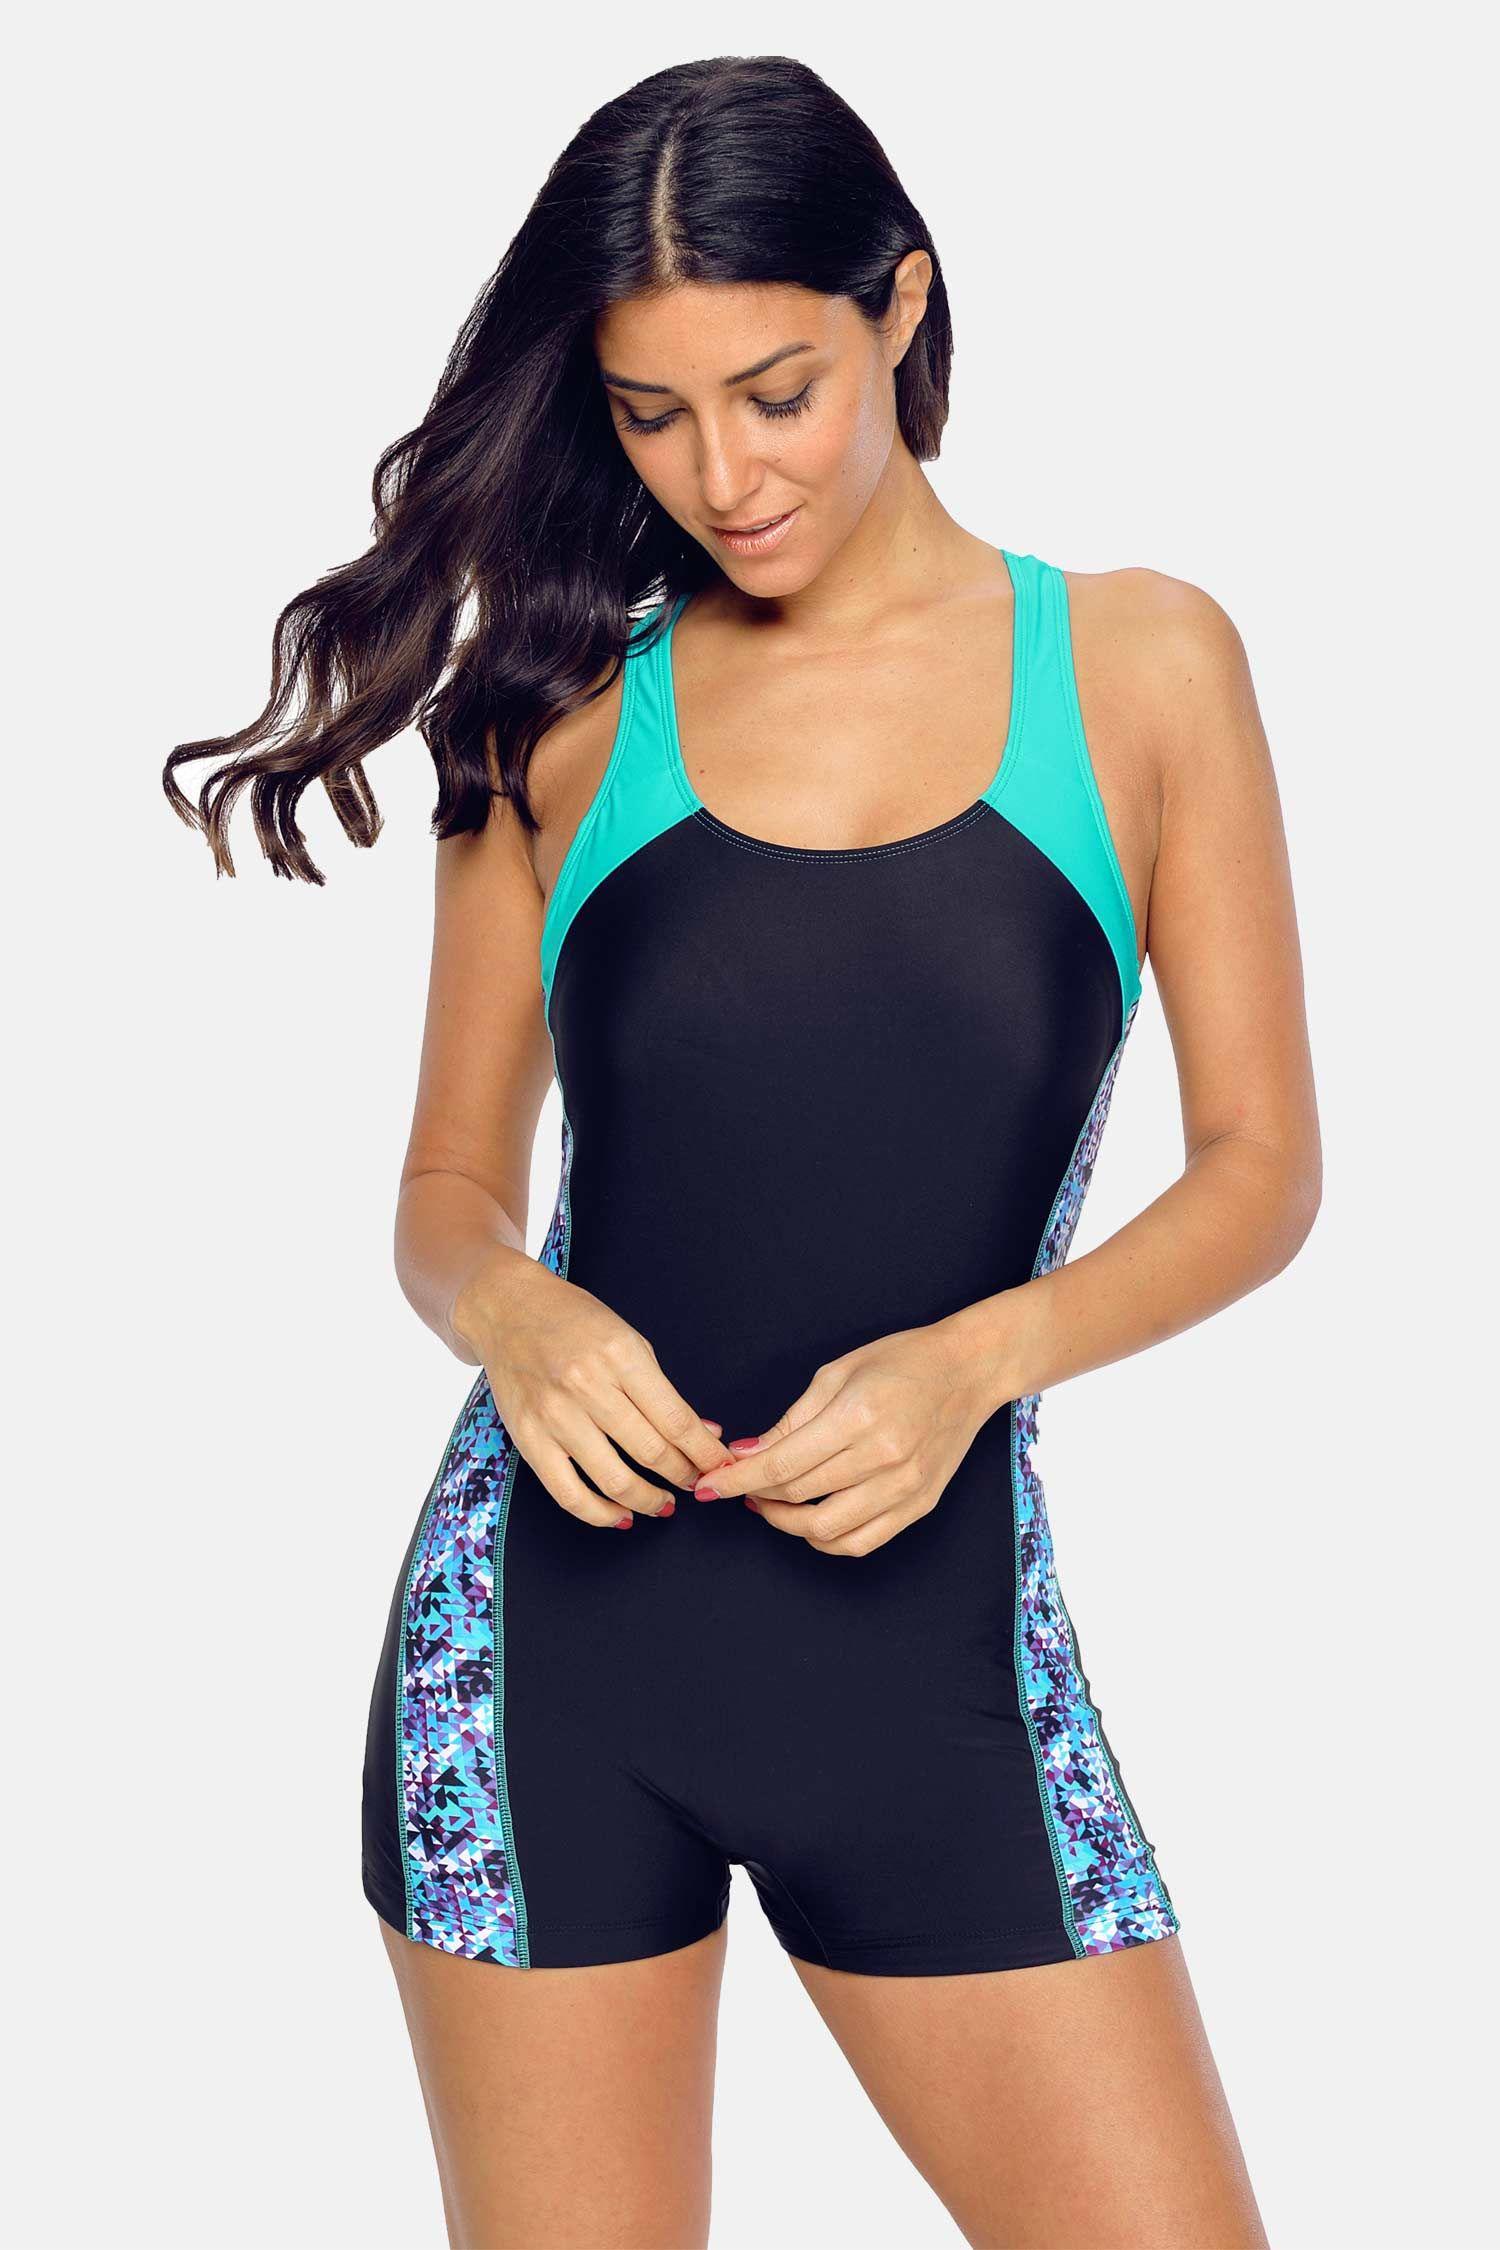 Charmo Charmo Women's One Piece Swimsuits Boyleg Sports